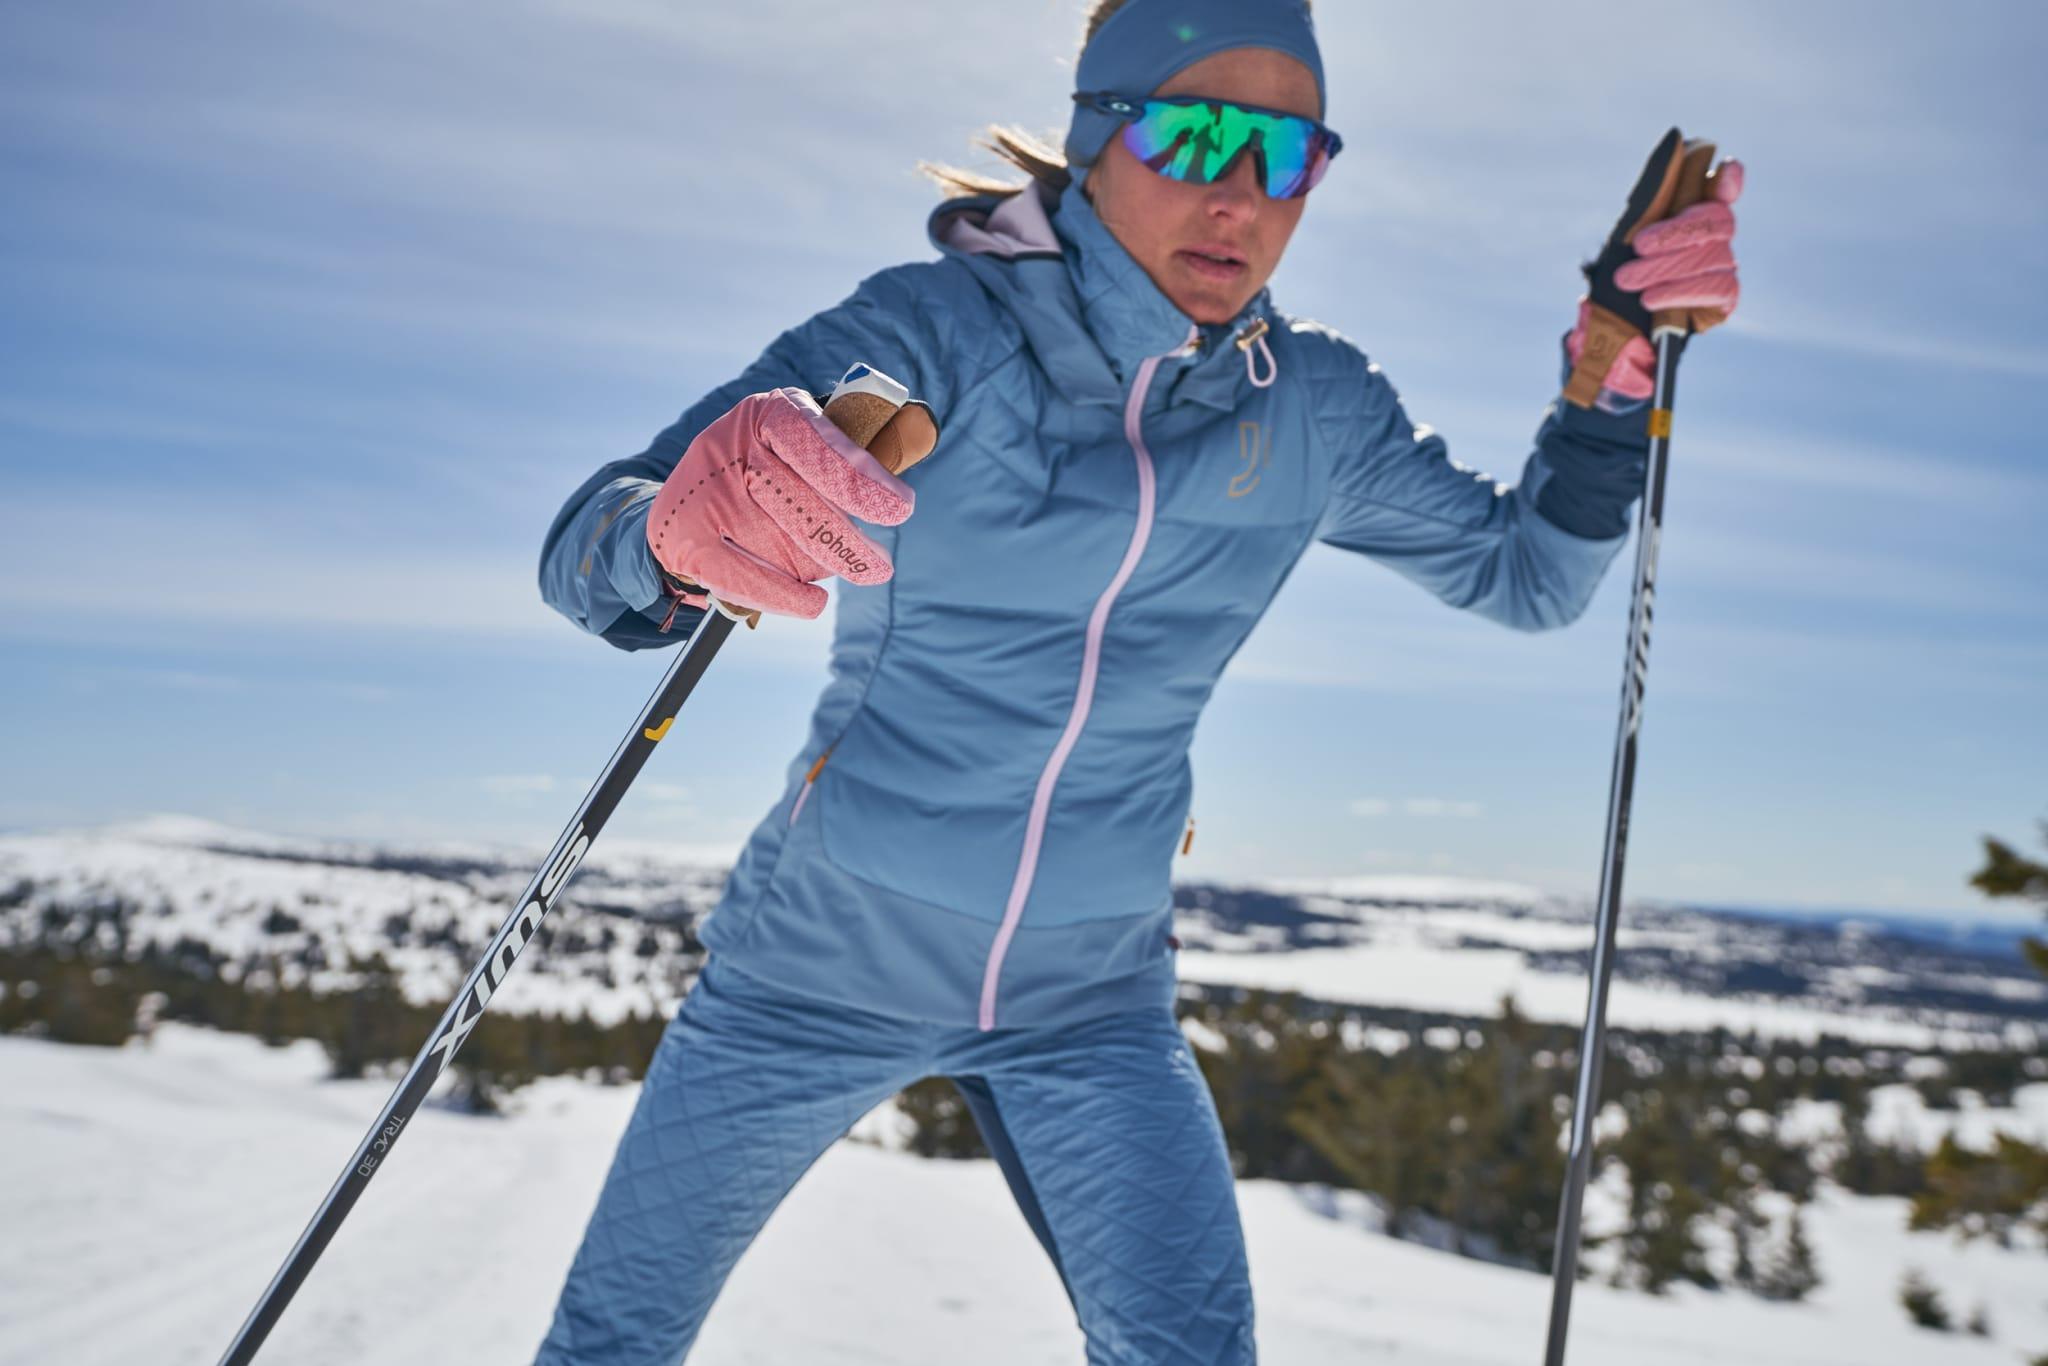 Vinterkupp: All vinterbekledning 20-70% medlemsrabatt